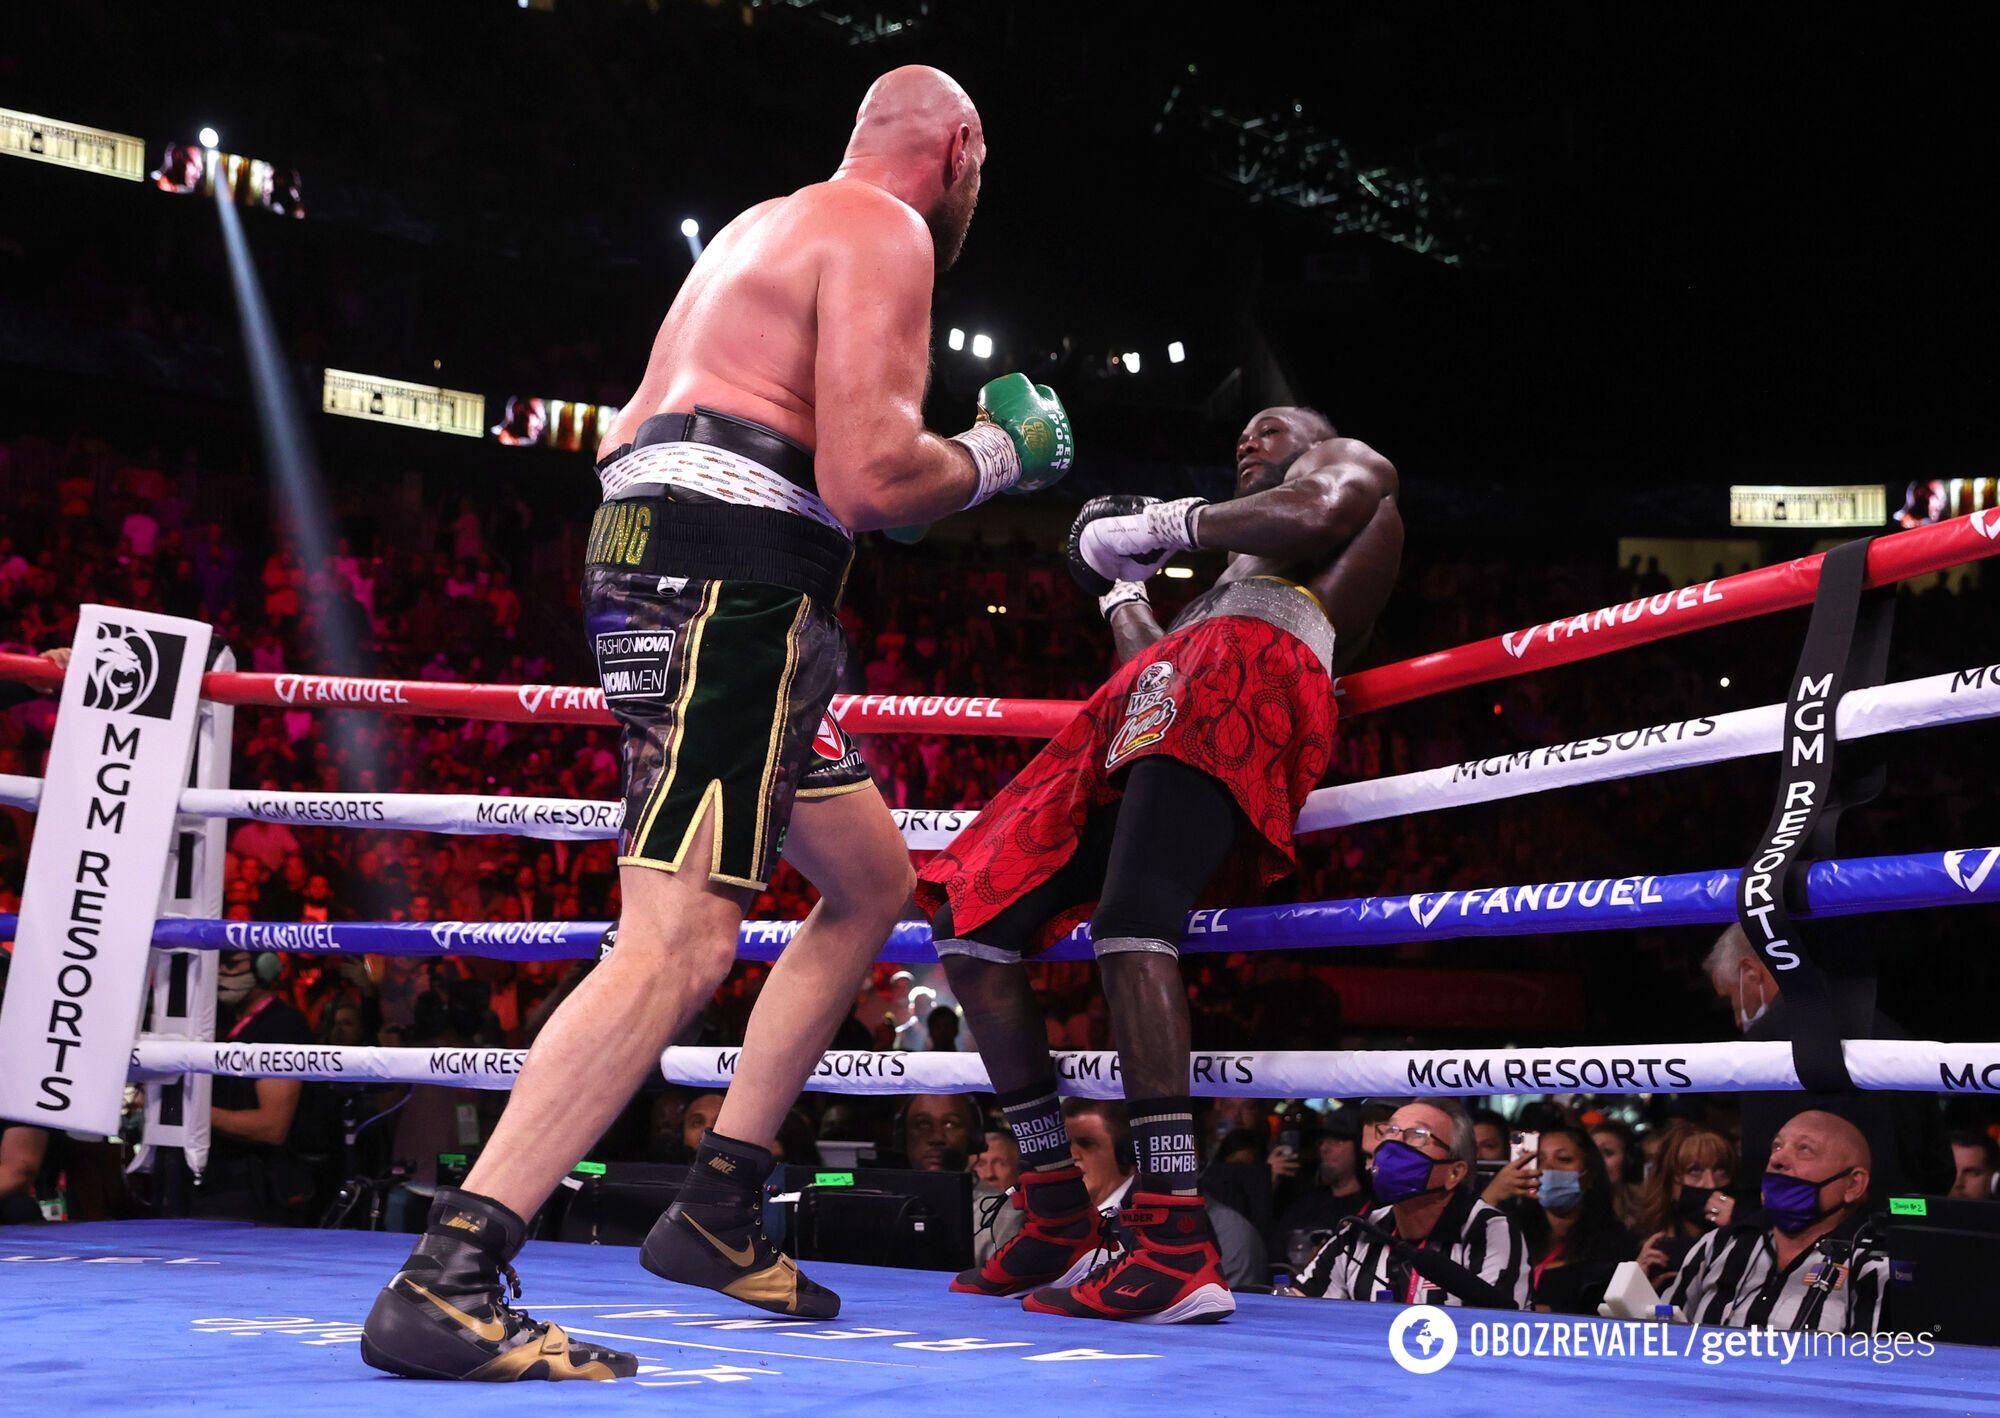 Американський боксер останні раунди доживав у рингу.